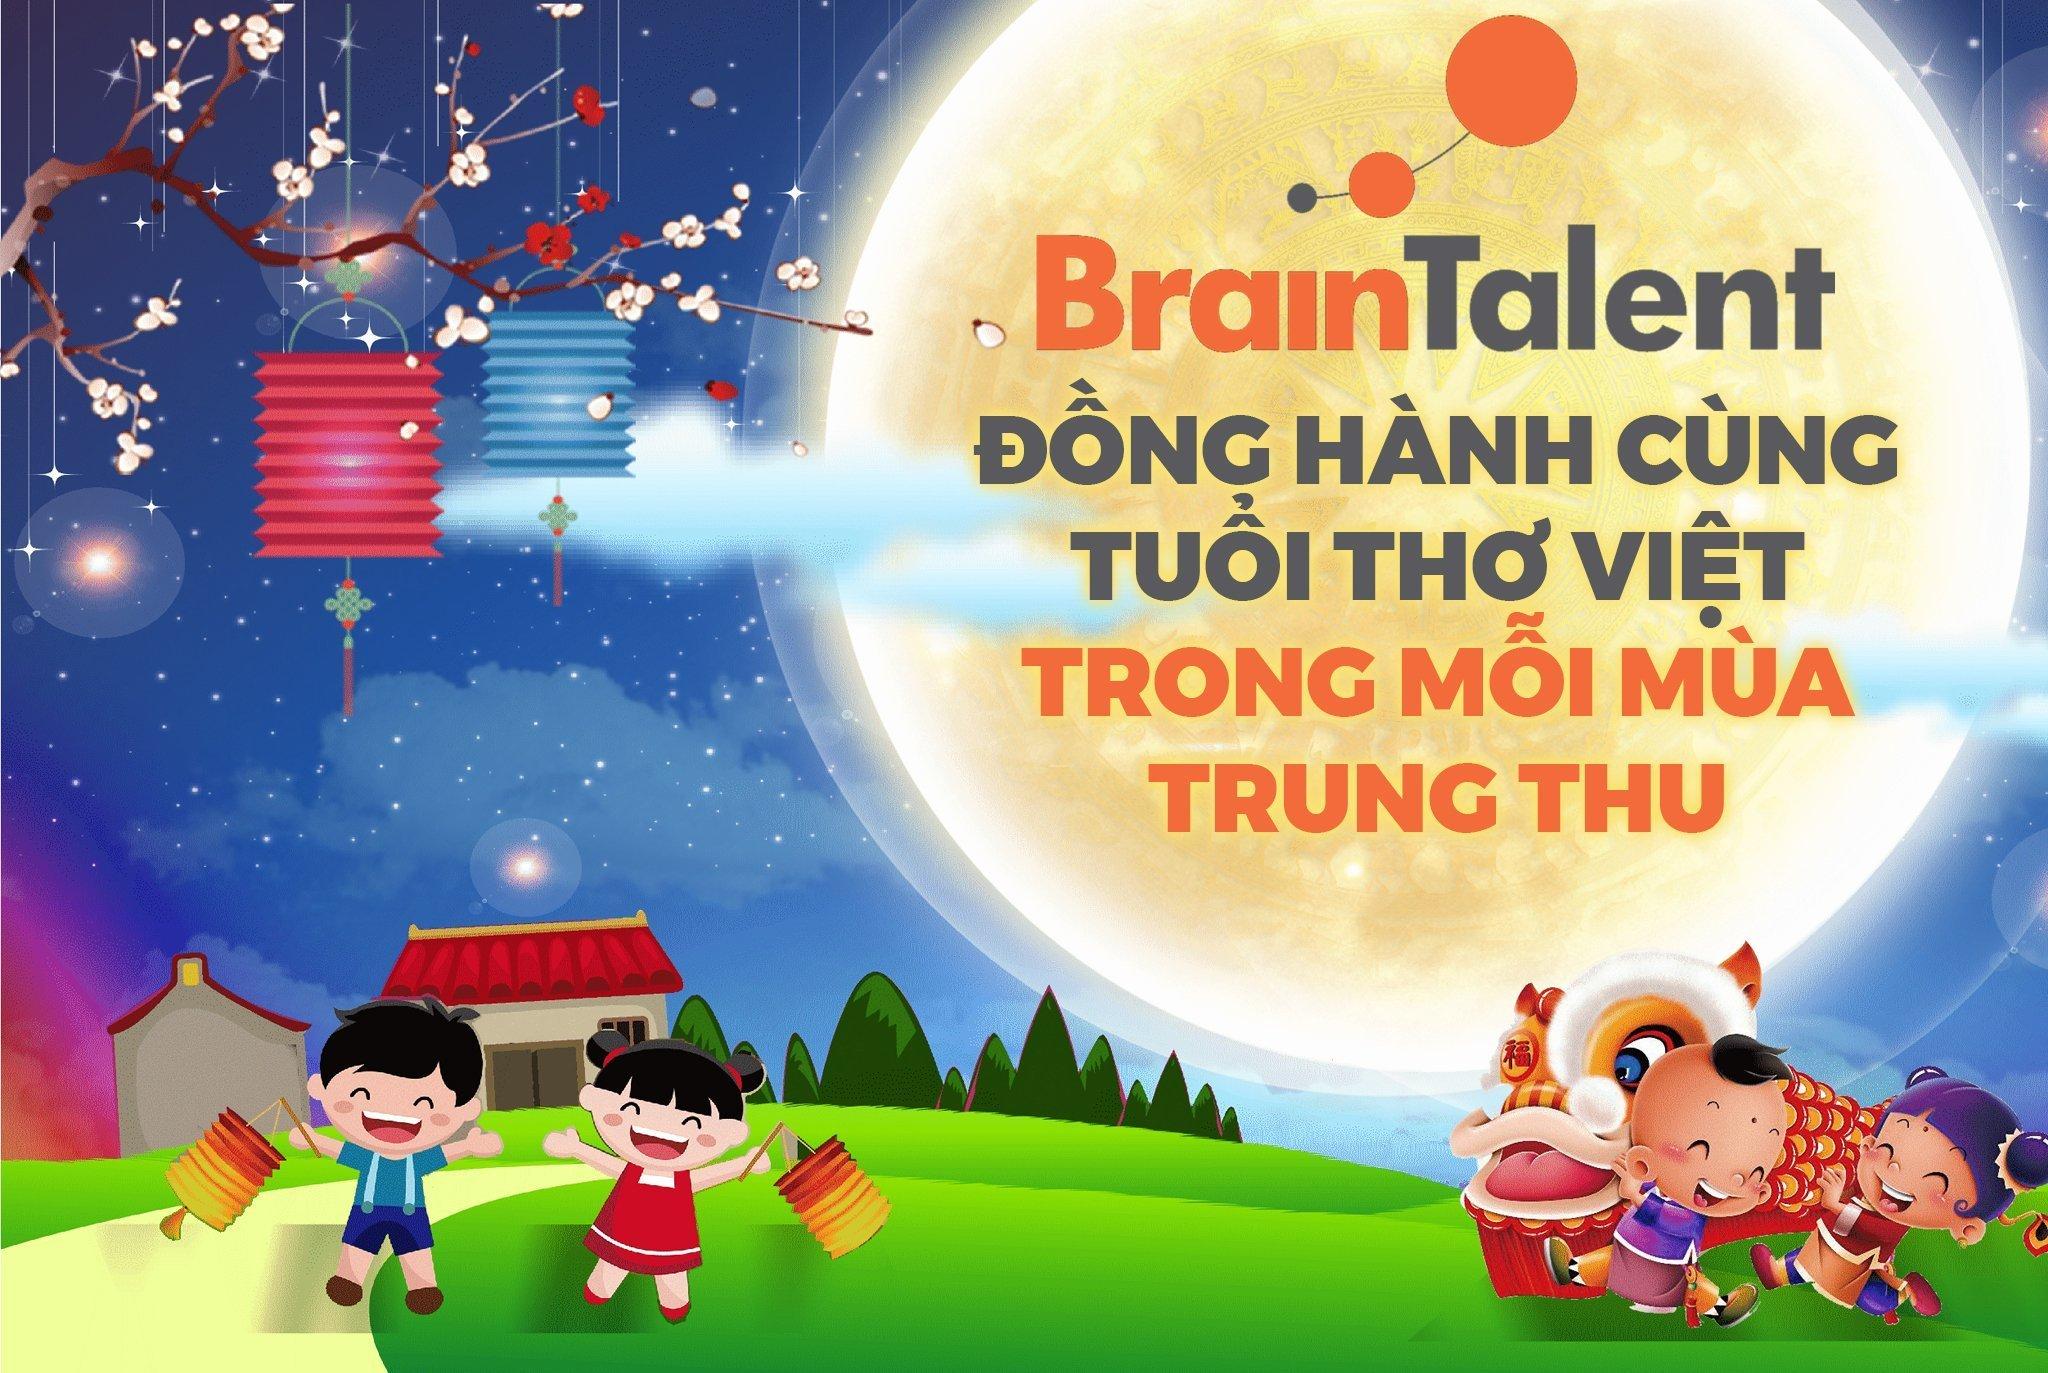 Đến với Braitalent không chỉ giúp trẻ rèn luyện trí não mỗi ngày. Mà còn kết hợp nhiều hoạt động bổ ích để trẻ thoải mái kết nối với các bạn. Giải trí và thư giãn sau những giờ trên lớp.